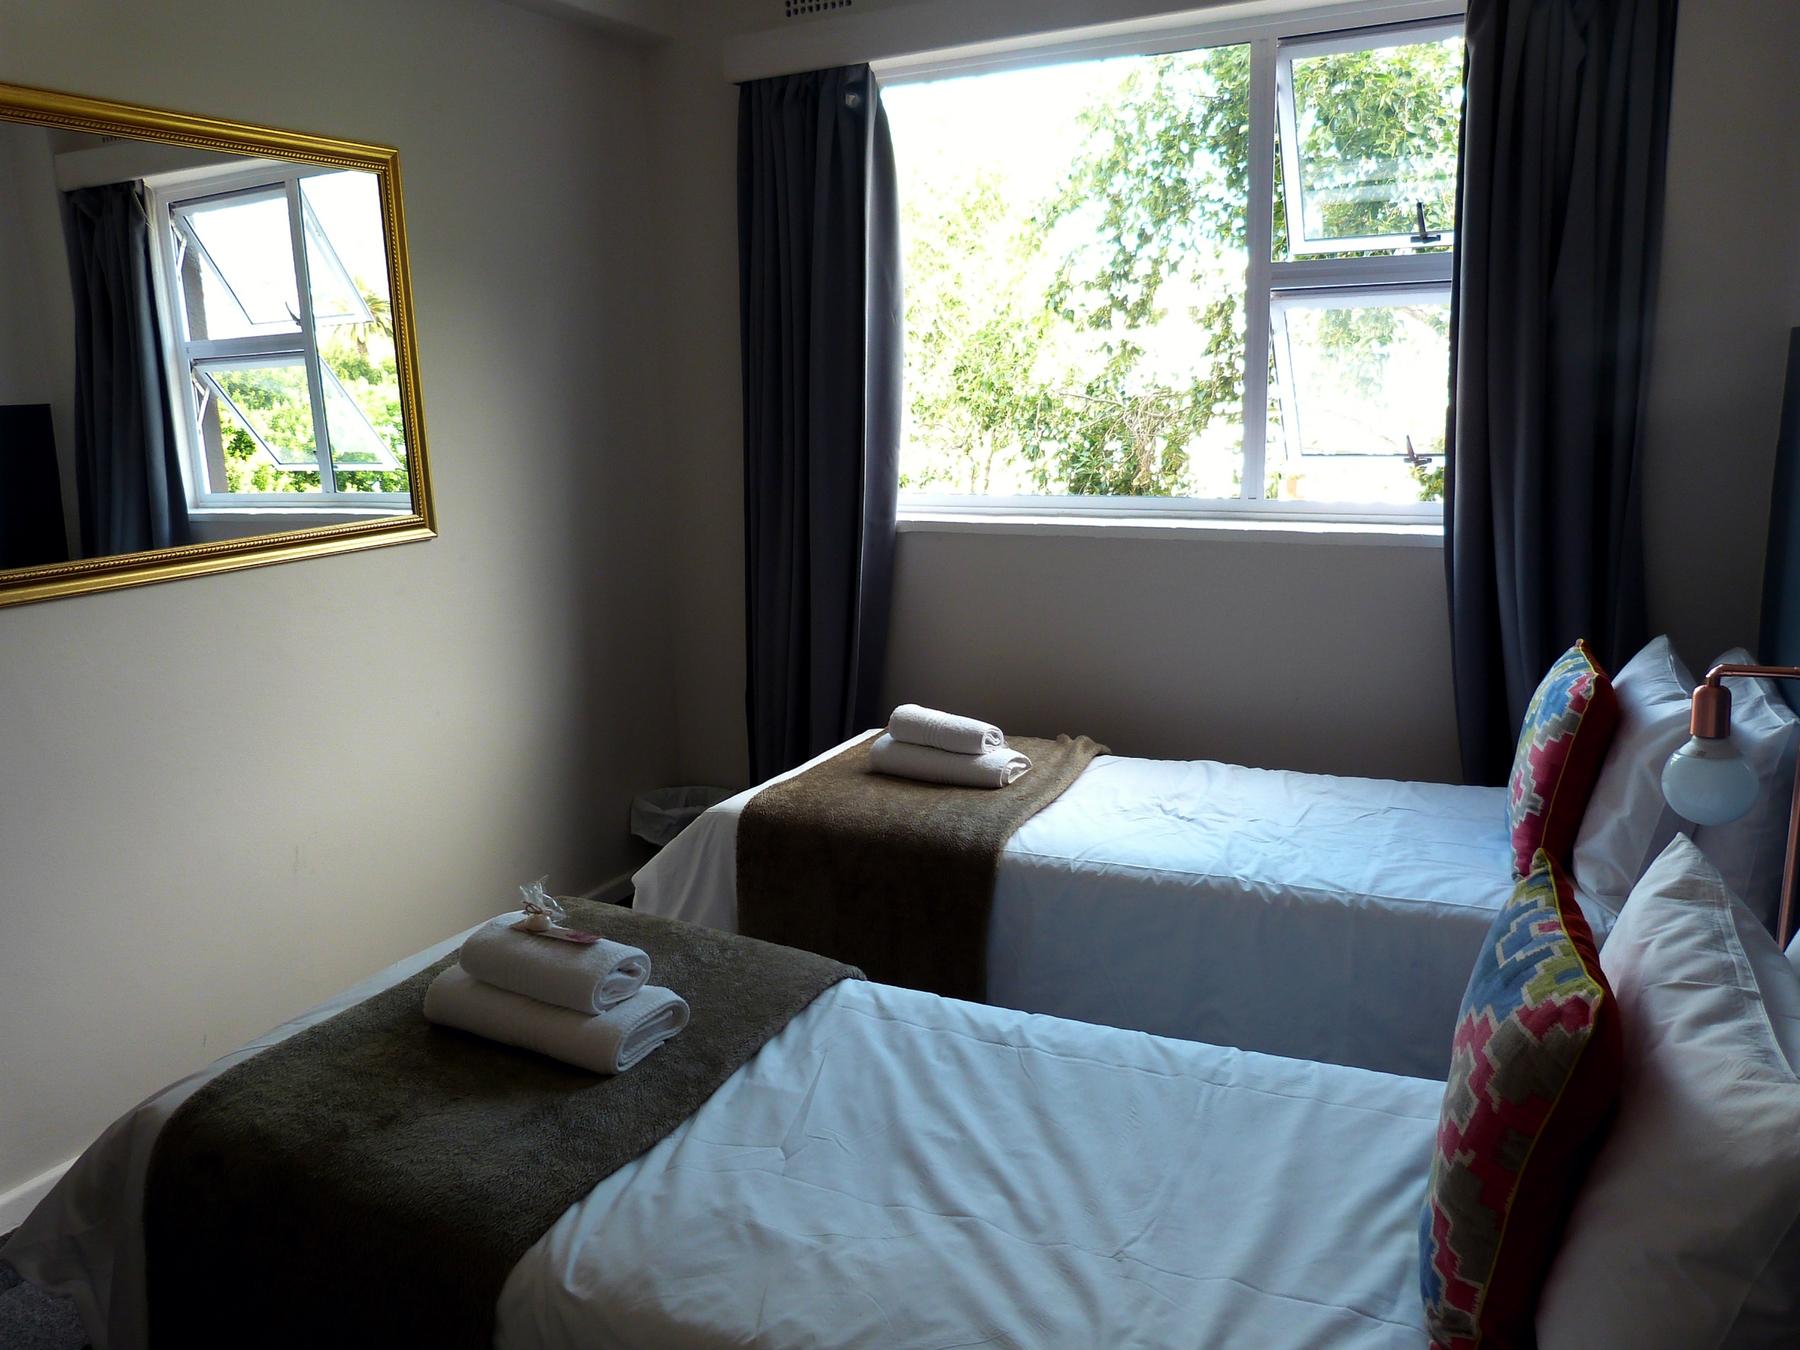 Um-dos-melhores-hostels-da-África-do-Sul-quarto-1 Um dos melhores hostels da África do Sul